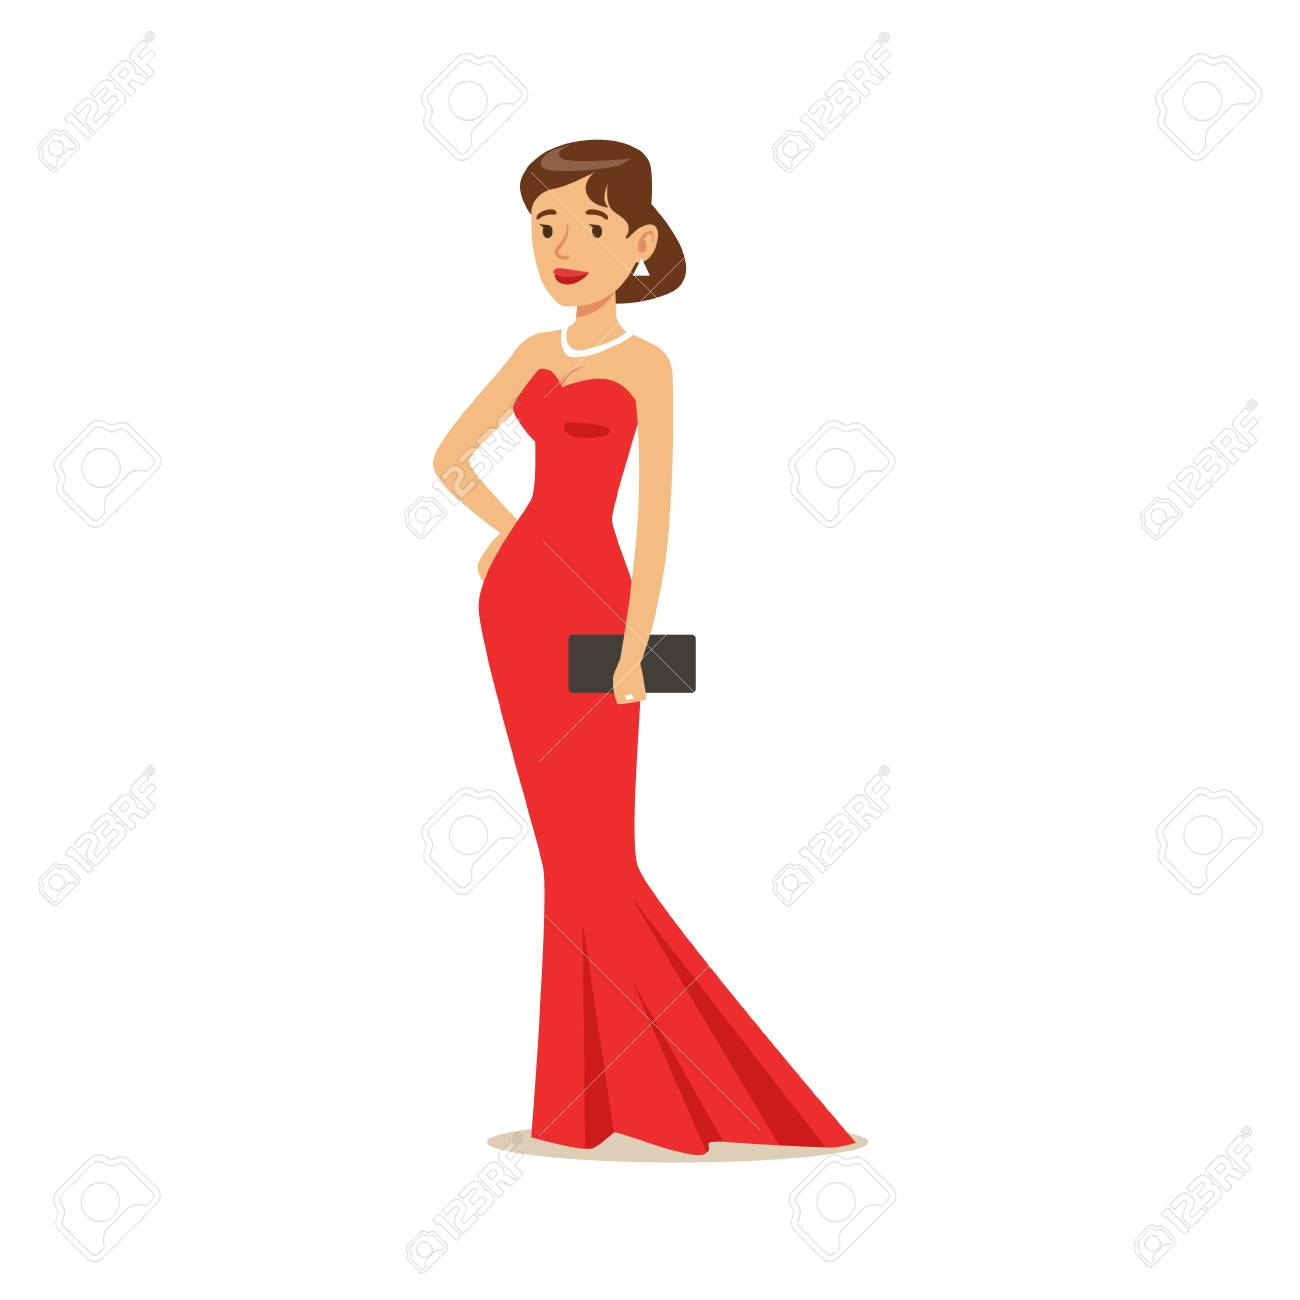 56659daeffe2a3 Mooi meisje in lange rode avondjurk. Kleurrijke cartoon karakter vector  illustratie geïsoleerd op een witte